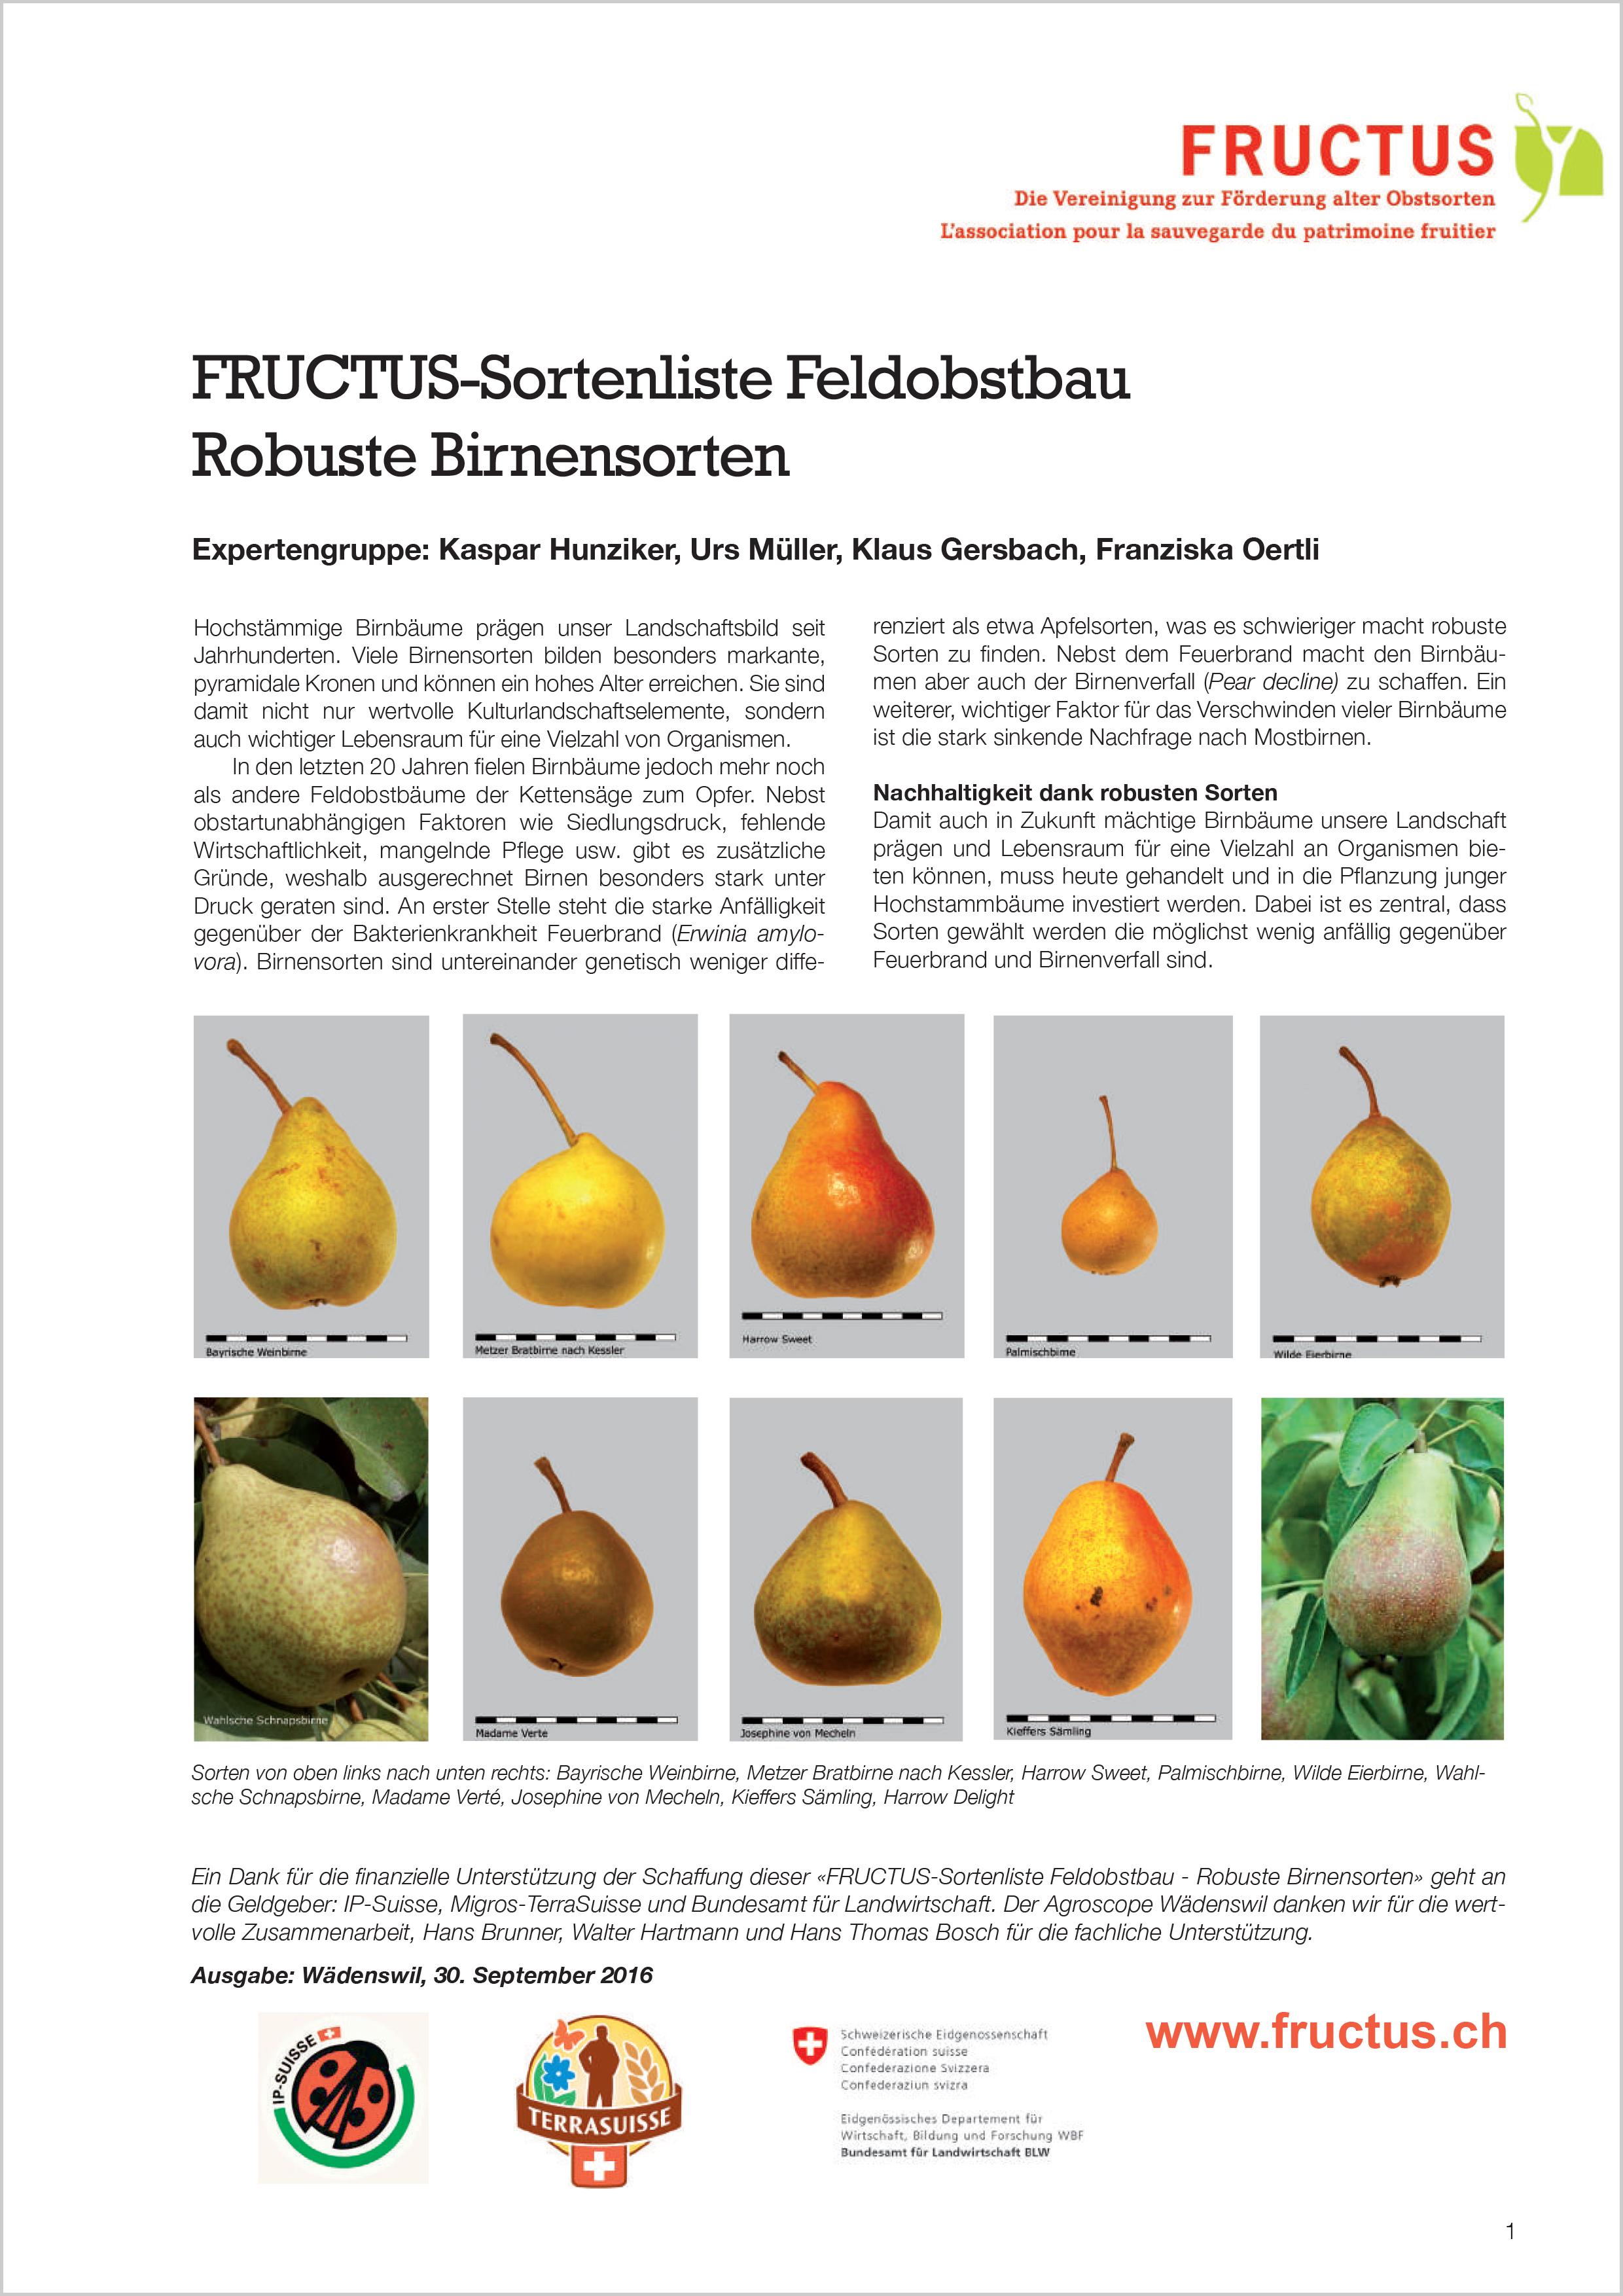 FRUCTUS-Sortenliste Feldobstbau: Robuste Birnensorten (2016)